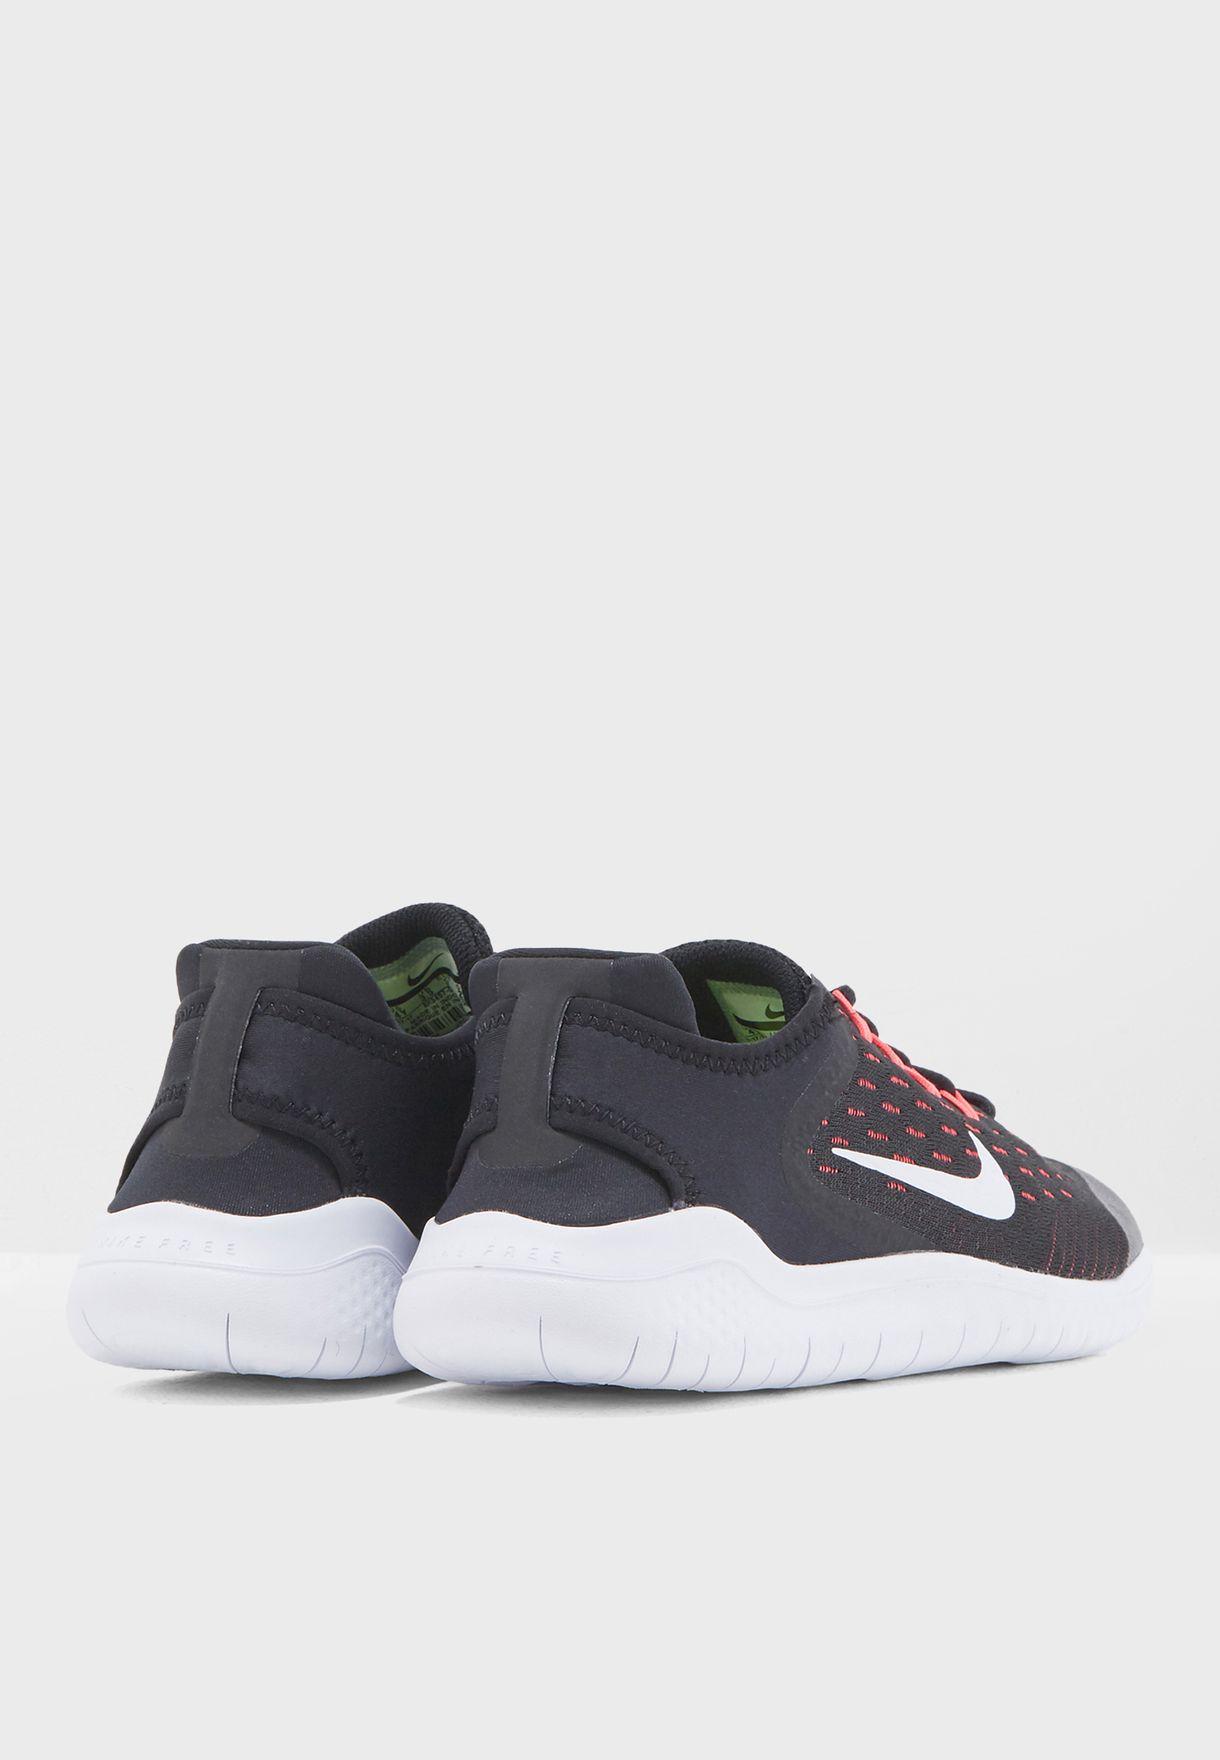 حذاء فري رن 2018